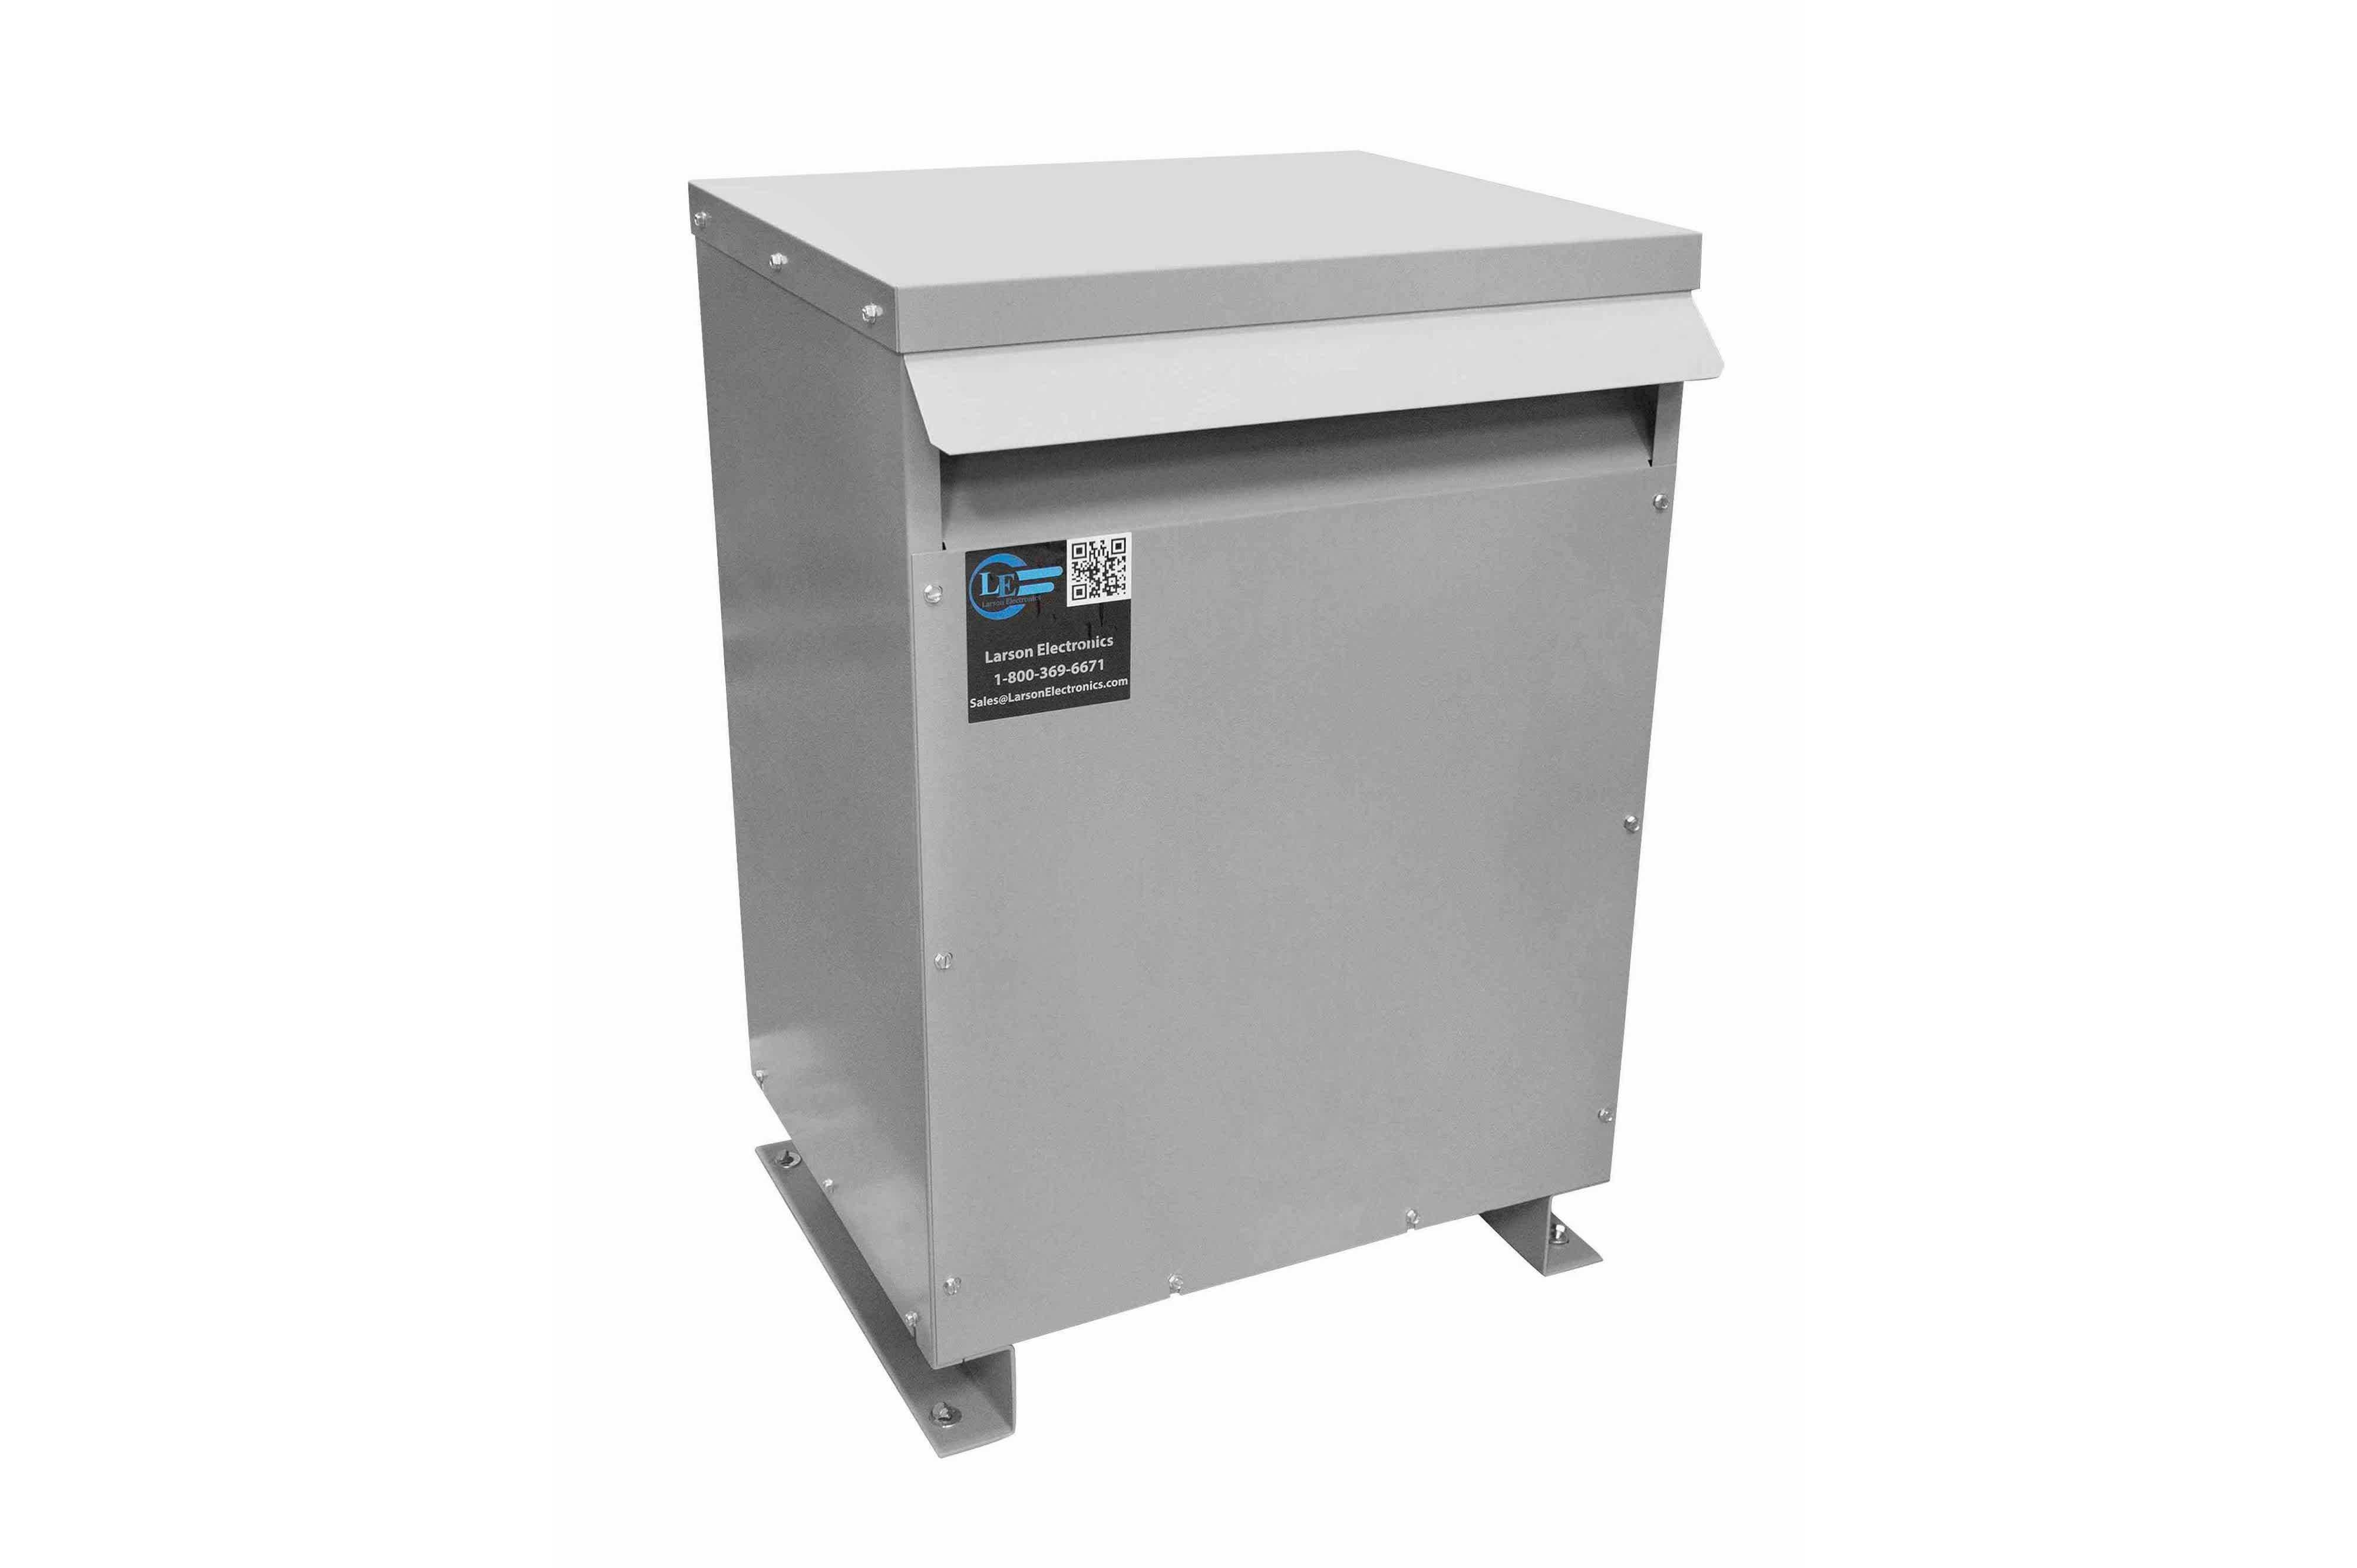 37.5 kVA 3PH Isolation Transformer, 480V Delta Primary, 415V Delta Secondary, N3R, Ventilated, 60 Hz